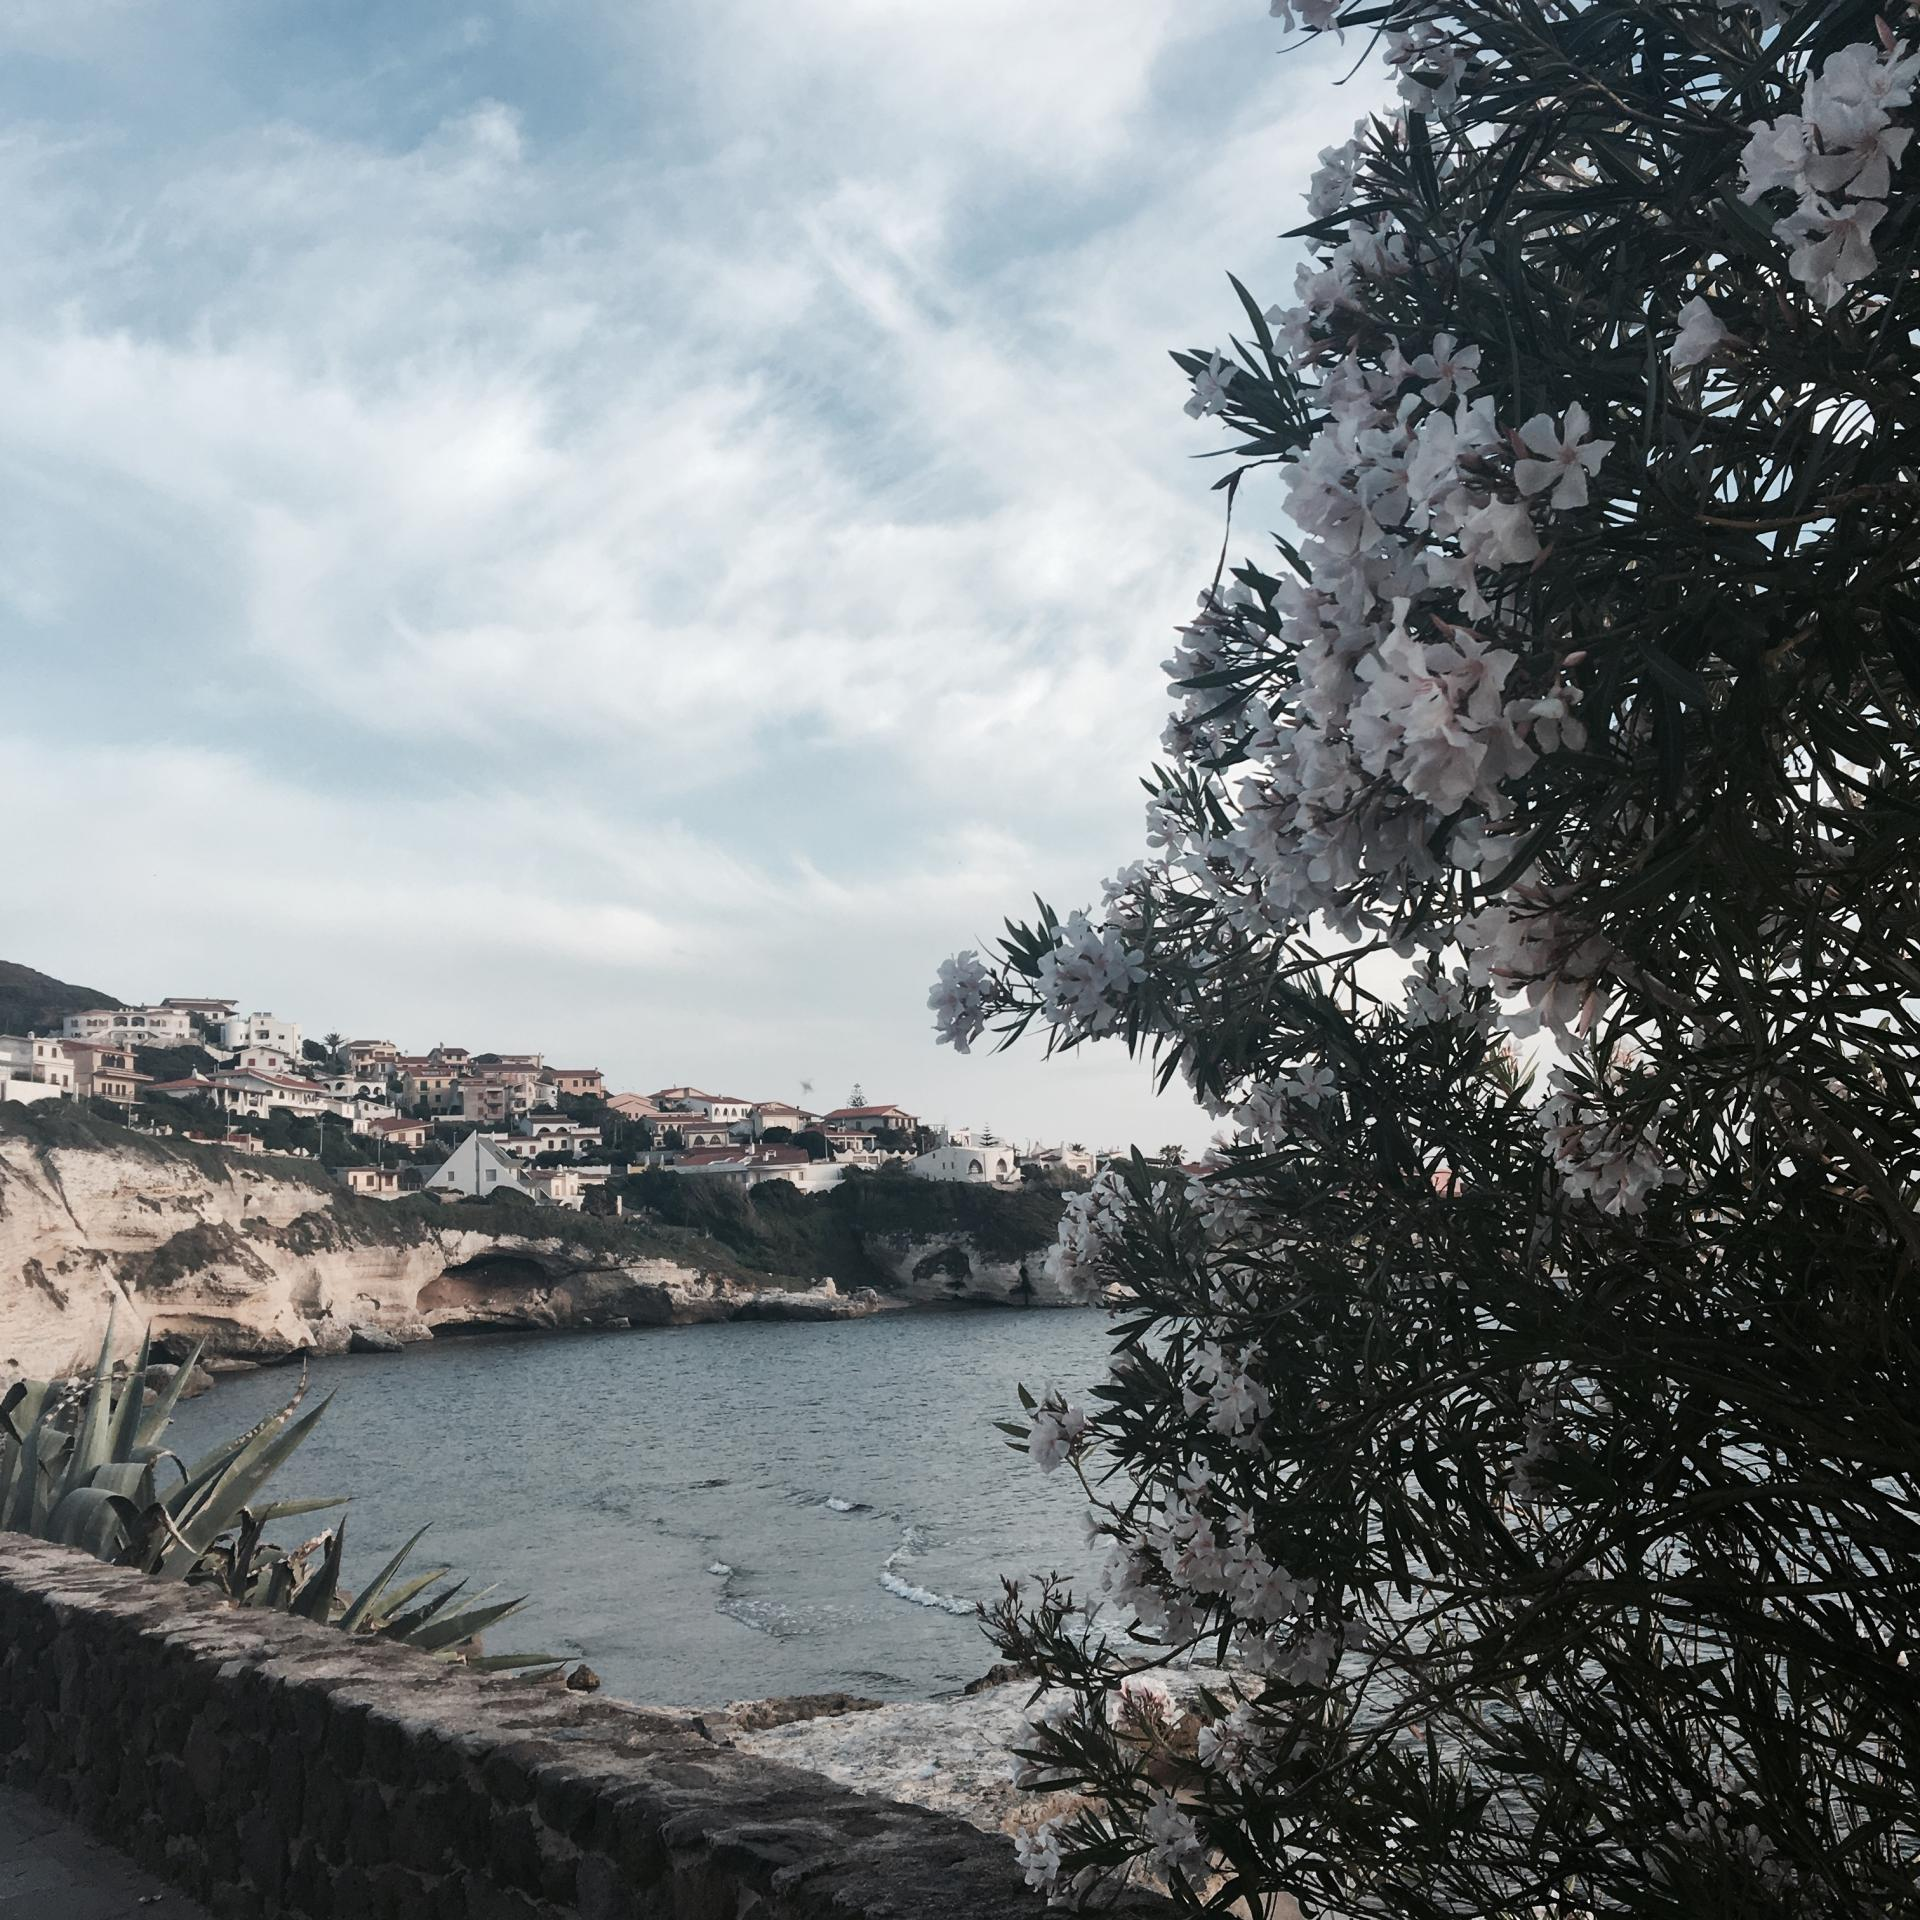 Mon voyage en Sardaigne entre copines 27